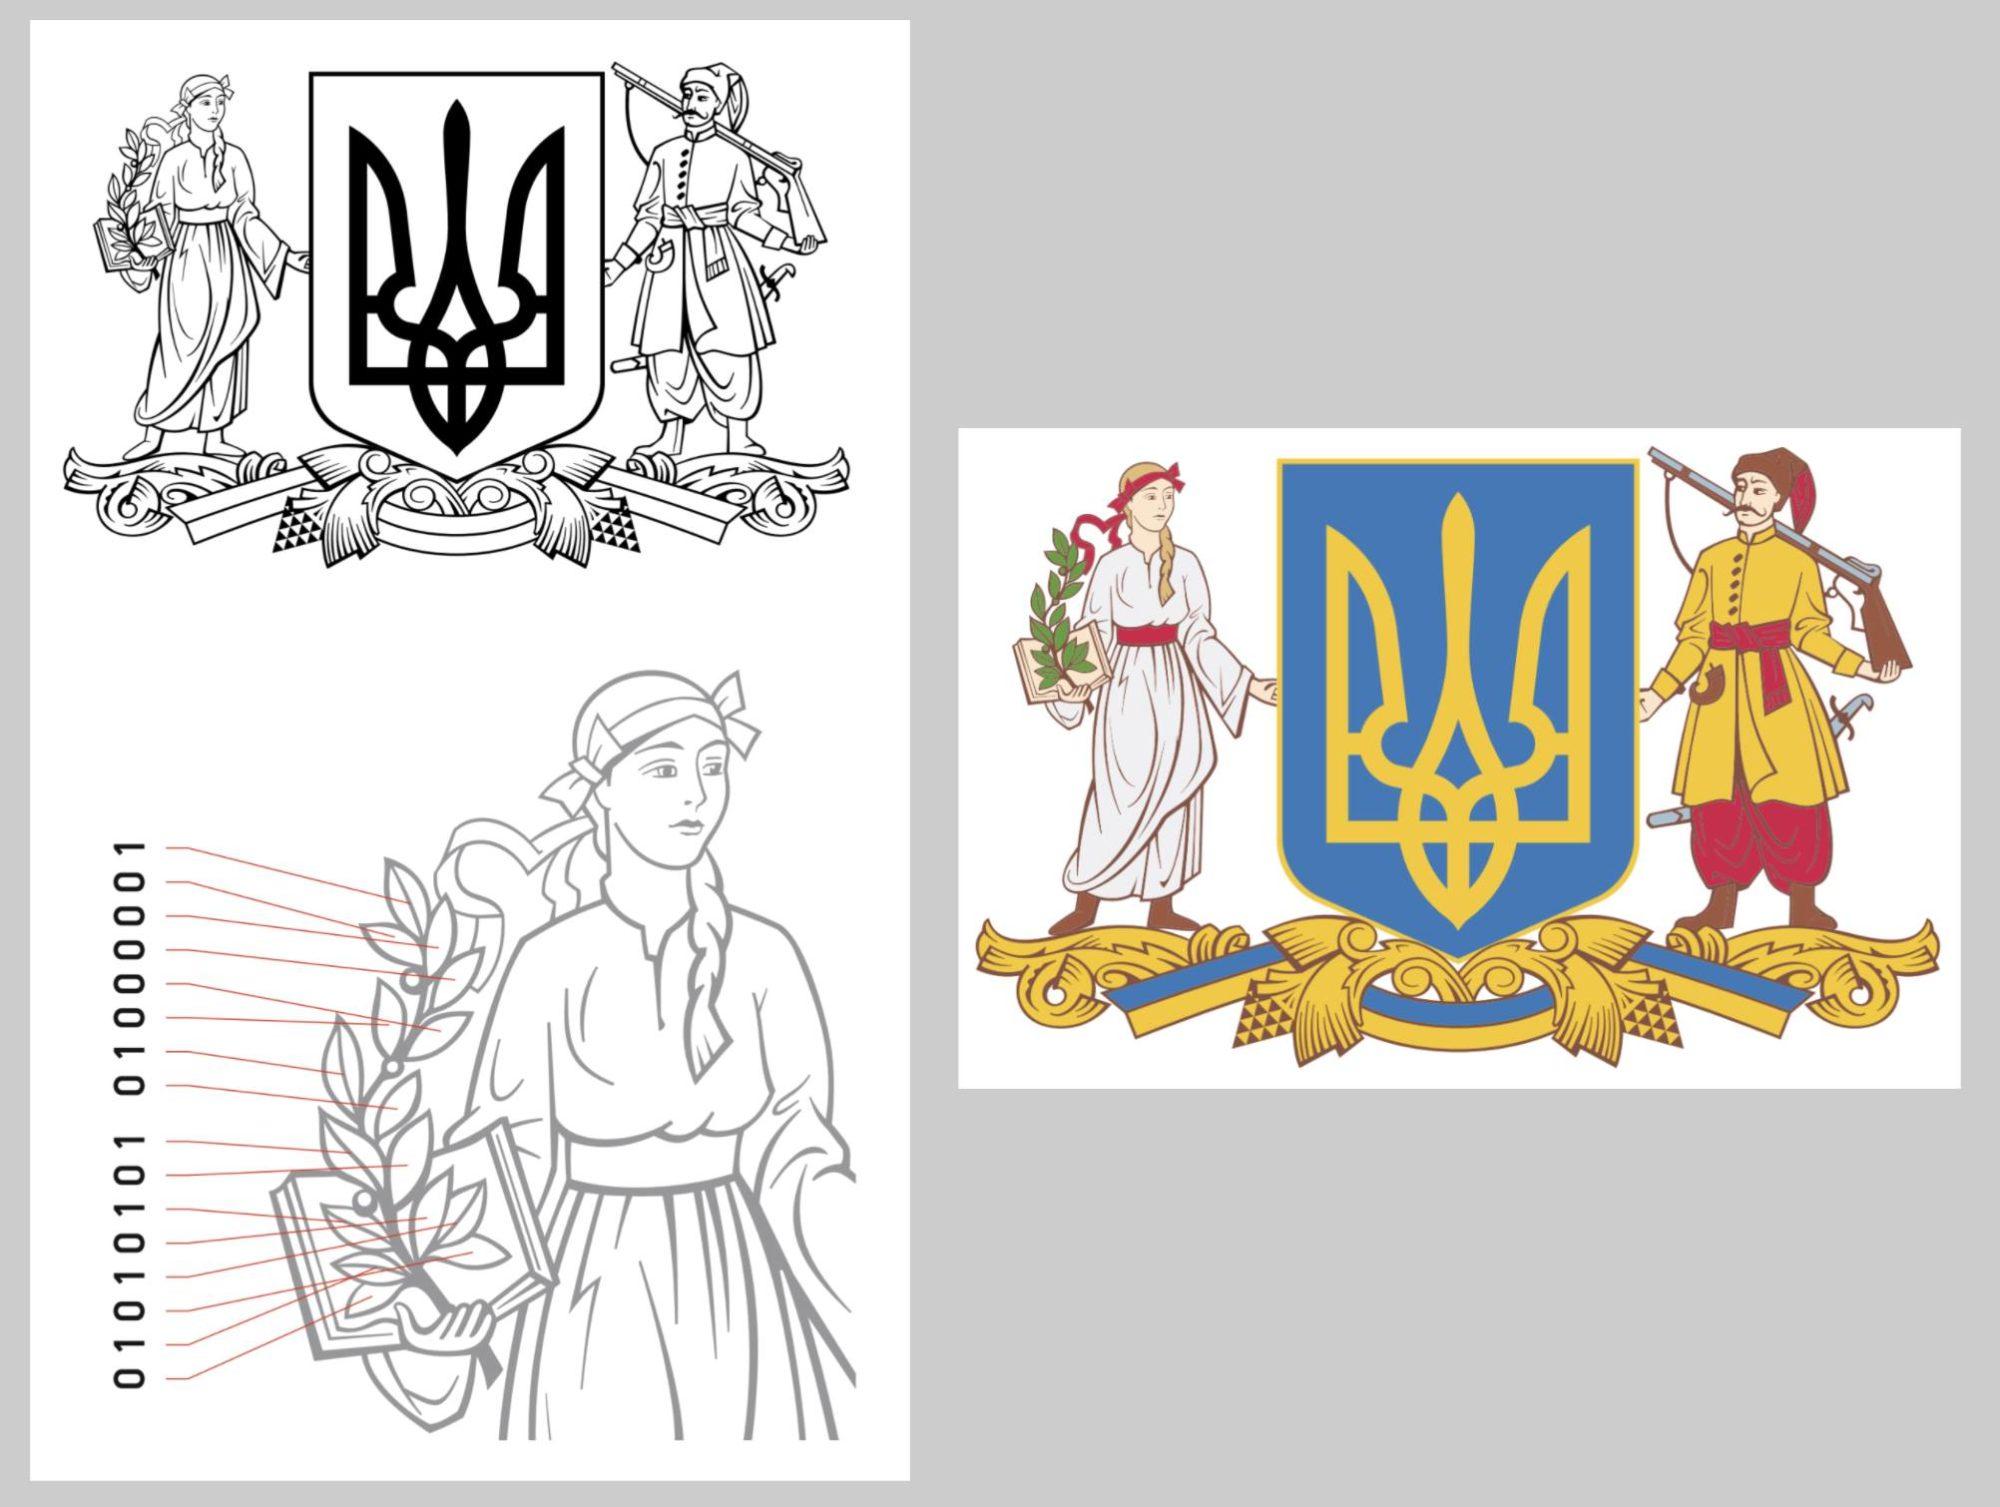 Конкурс завершено: який ескіз великого Державного герба України визнали кращим - конкурс, Зеленський, держава - 126334133 10159090585583552 3799691654793433699 o 2000x1507